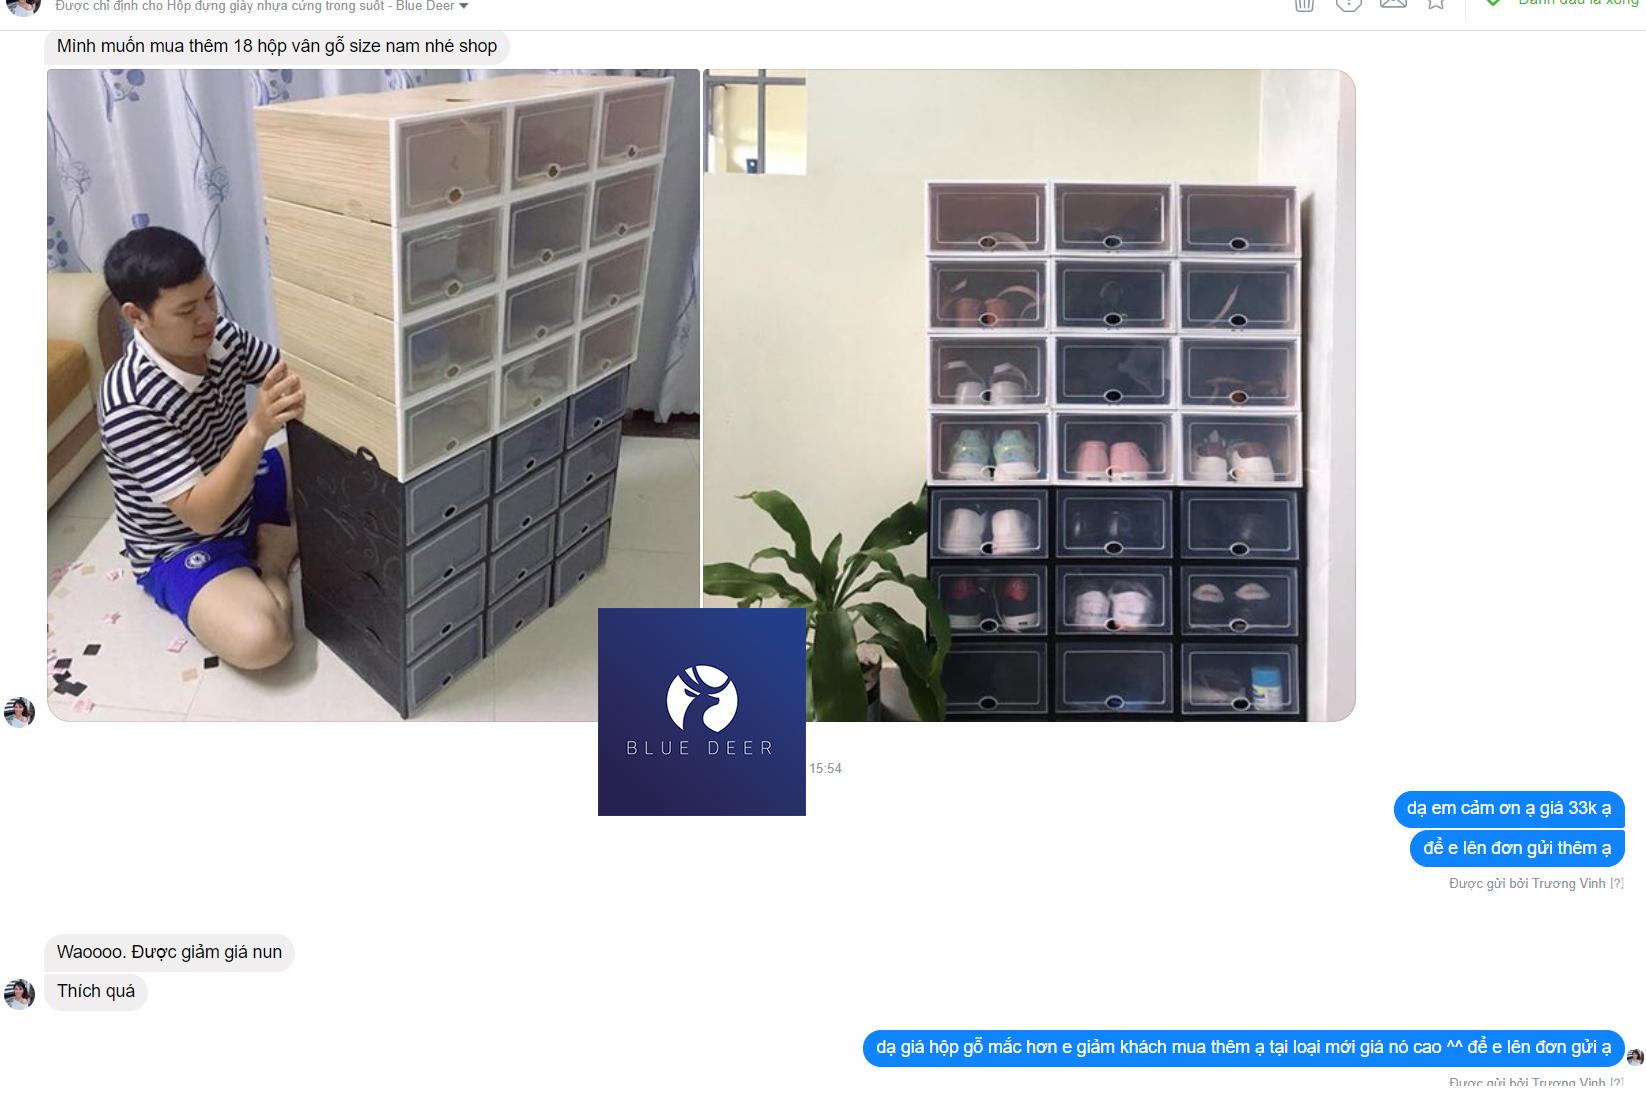 Combo 15 hộp nhựa đựng giày nhựa cứng trong suốt - 495K/ 15 box - Blue Deer